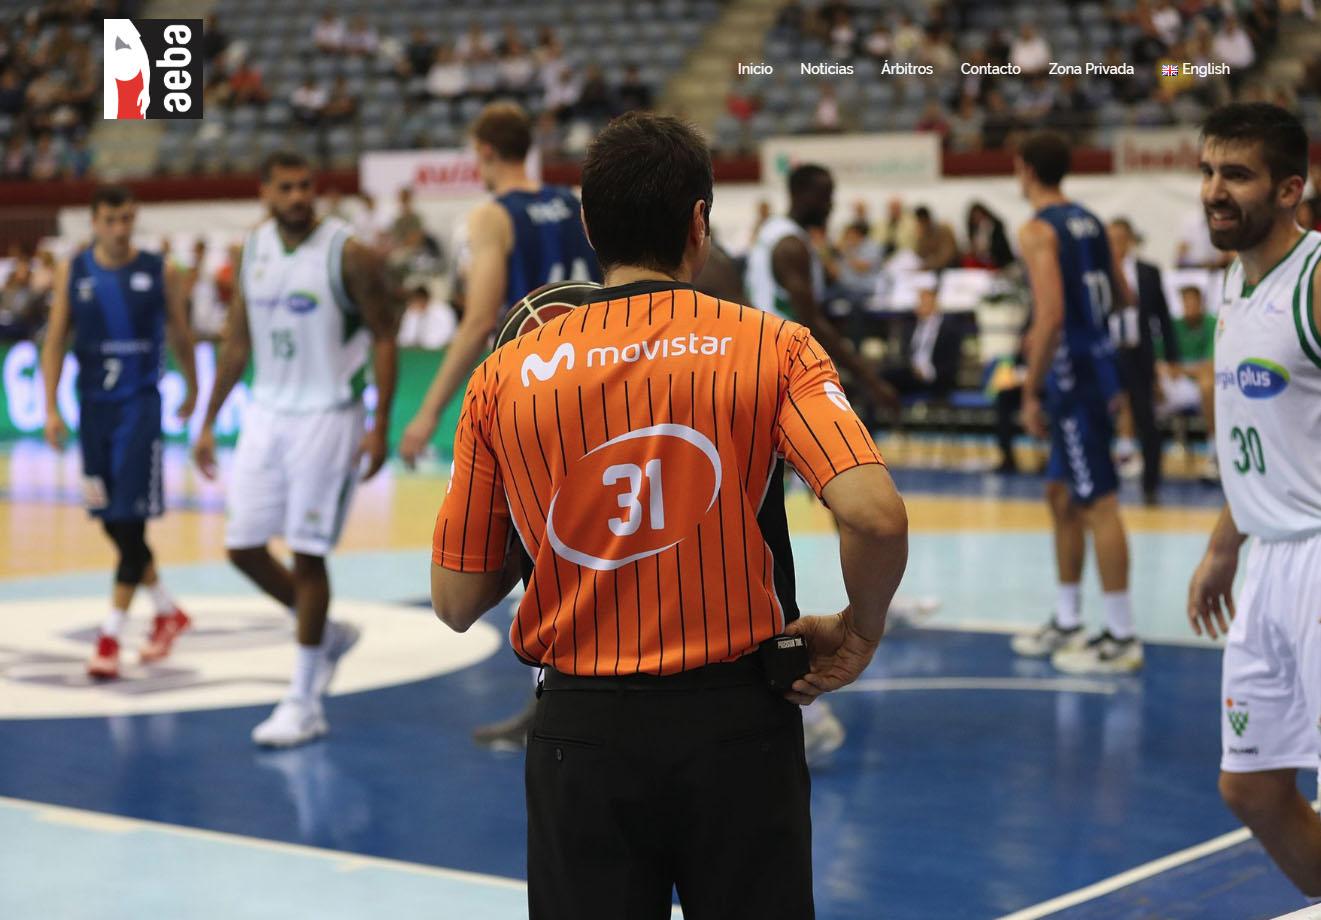 Arbitros Aeba